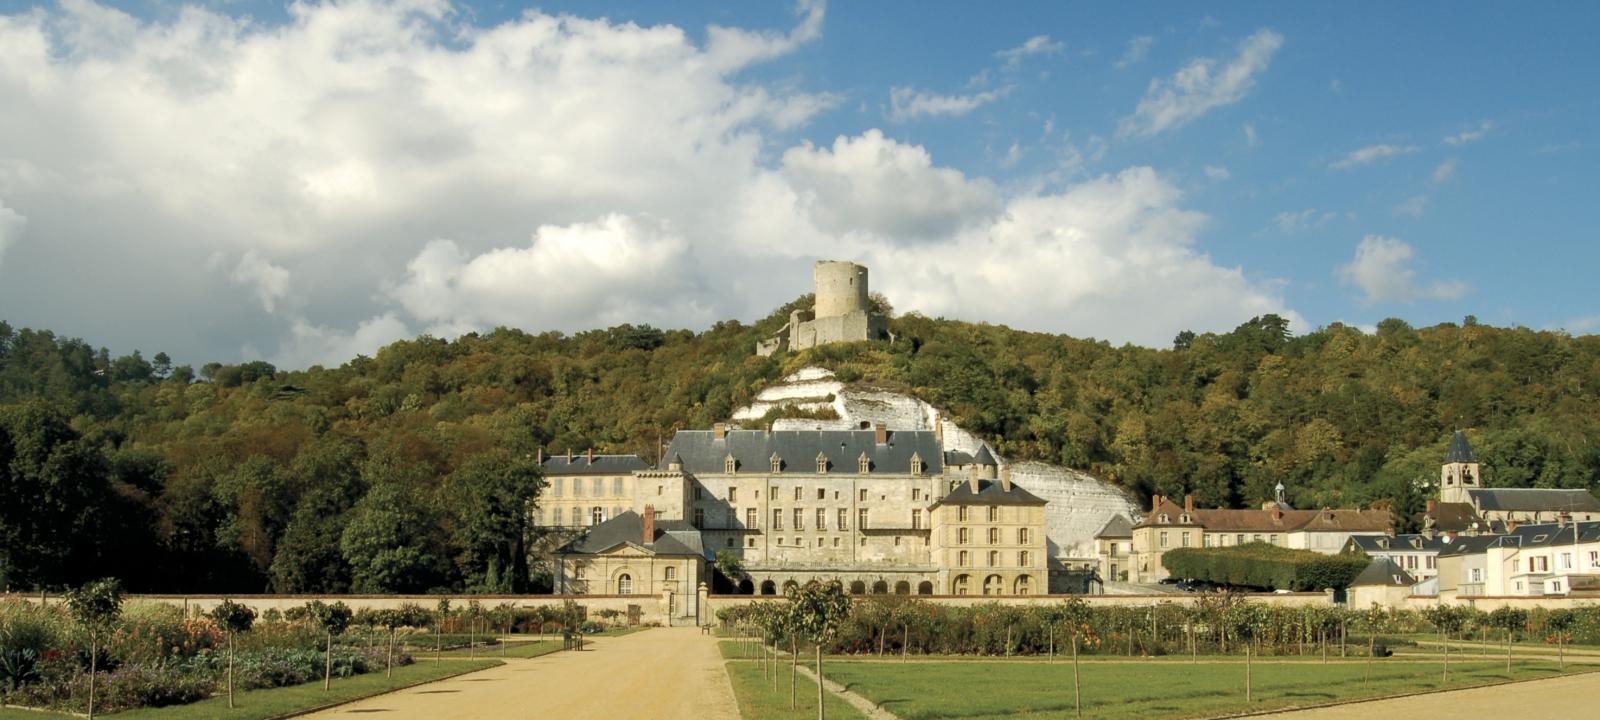 Photo d'une vue sur le château de la Roche-Guyon depuis le jardin potager-fruitier.